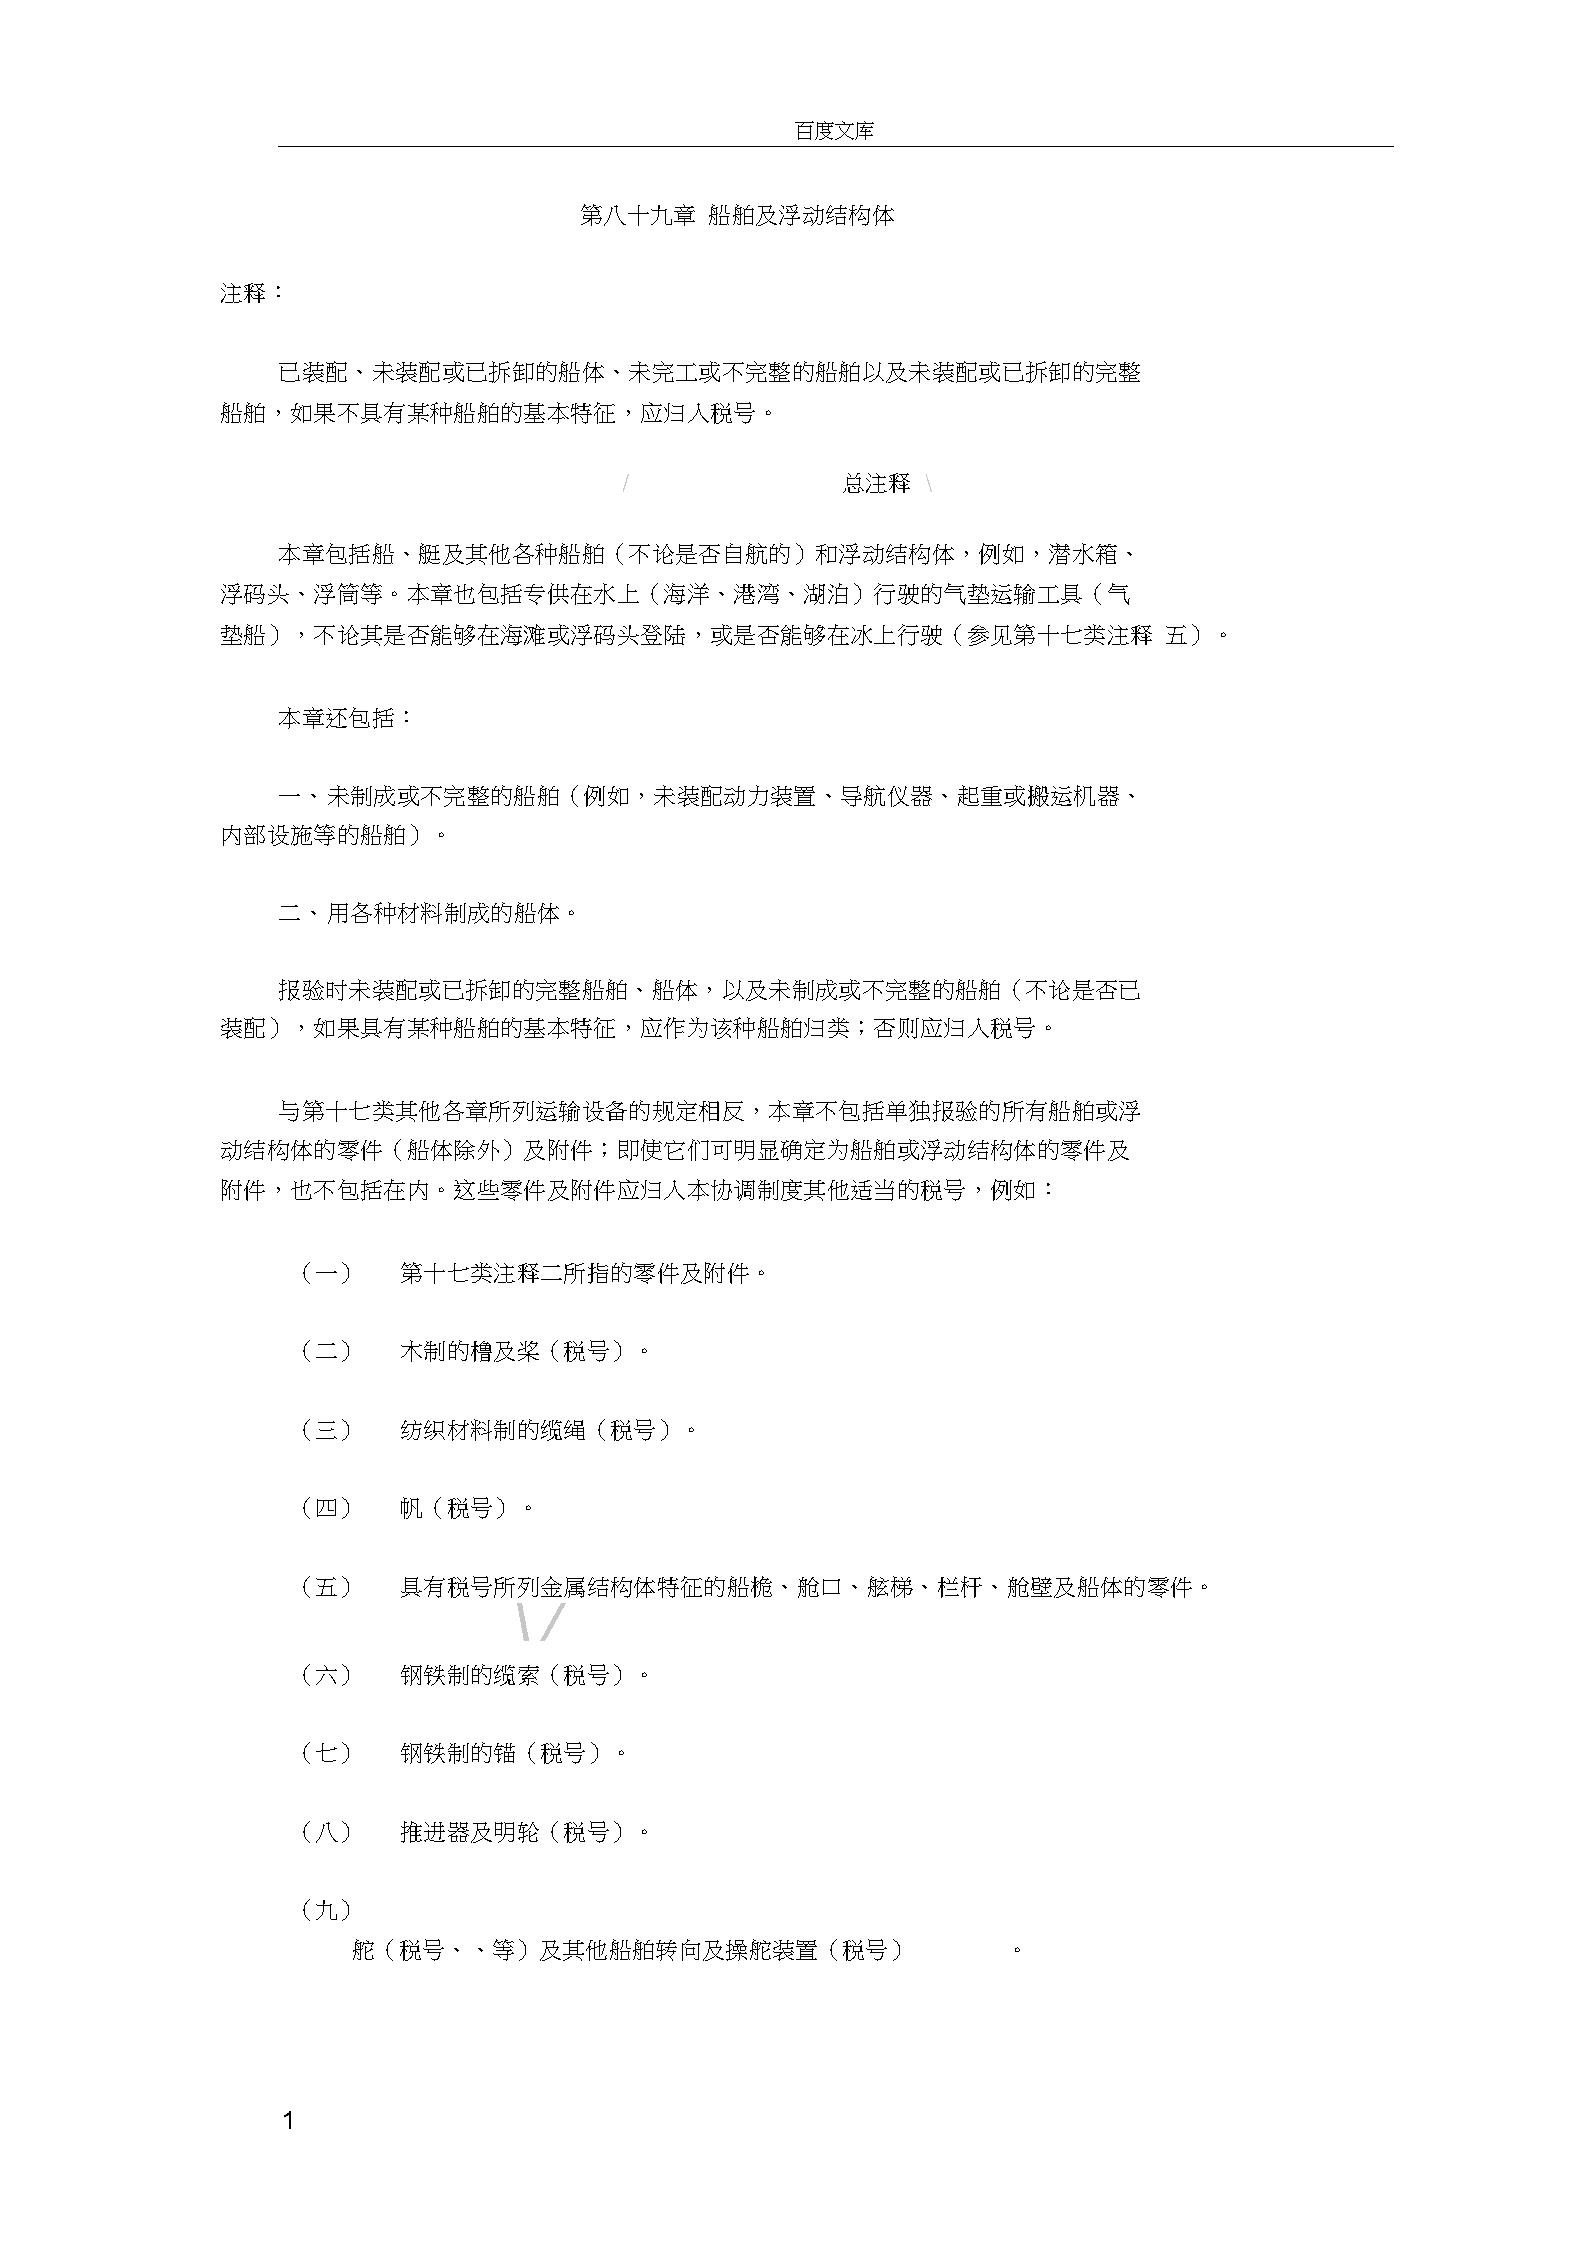 第八十九章船舶及浮动结构体.docx